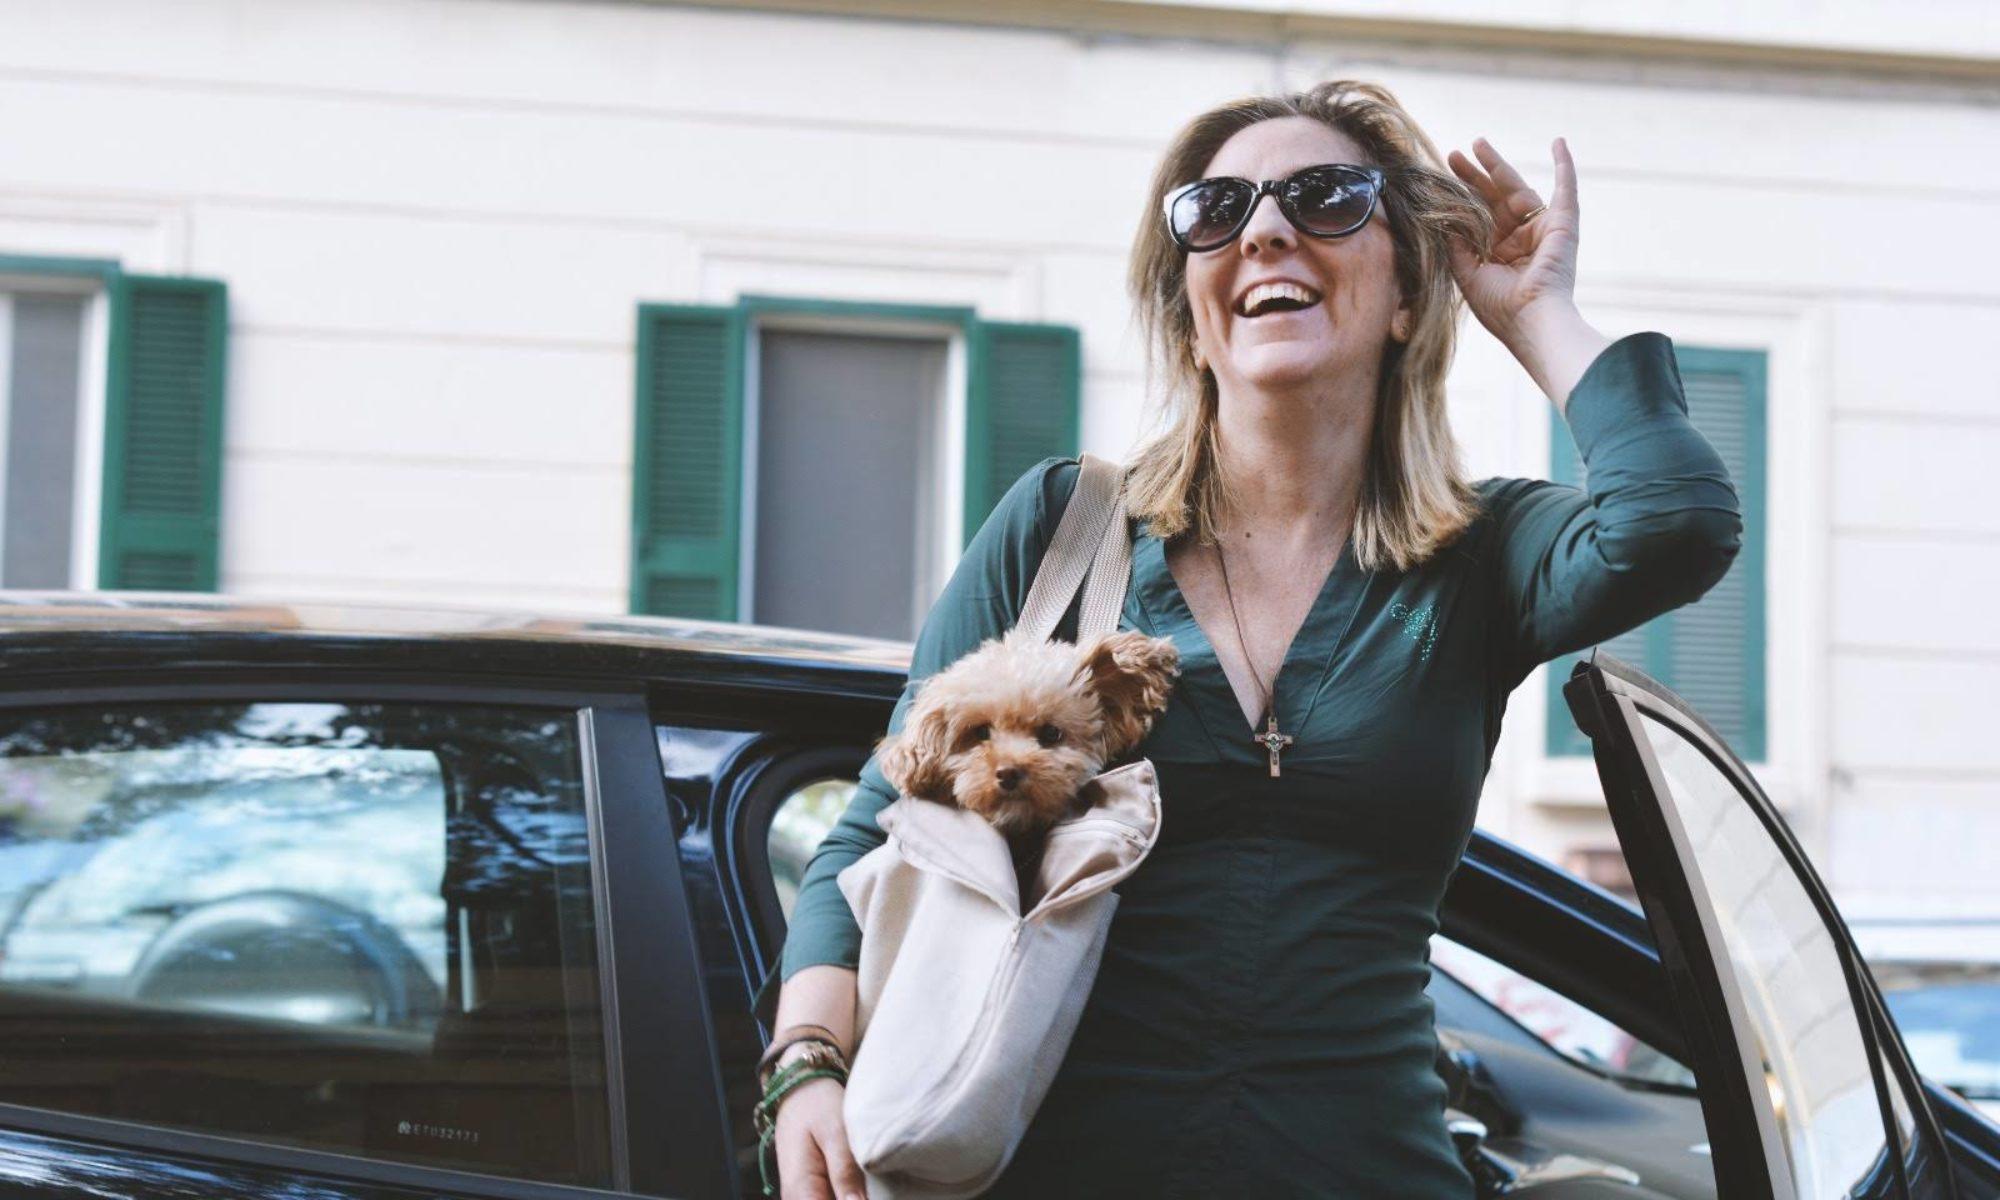 Cani Vip - Cani Famosi - Pet Influencer - Petfuencer Italia